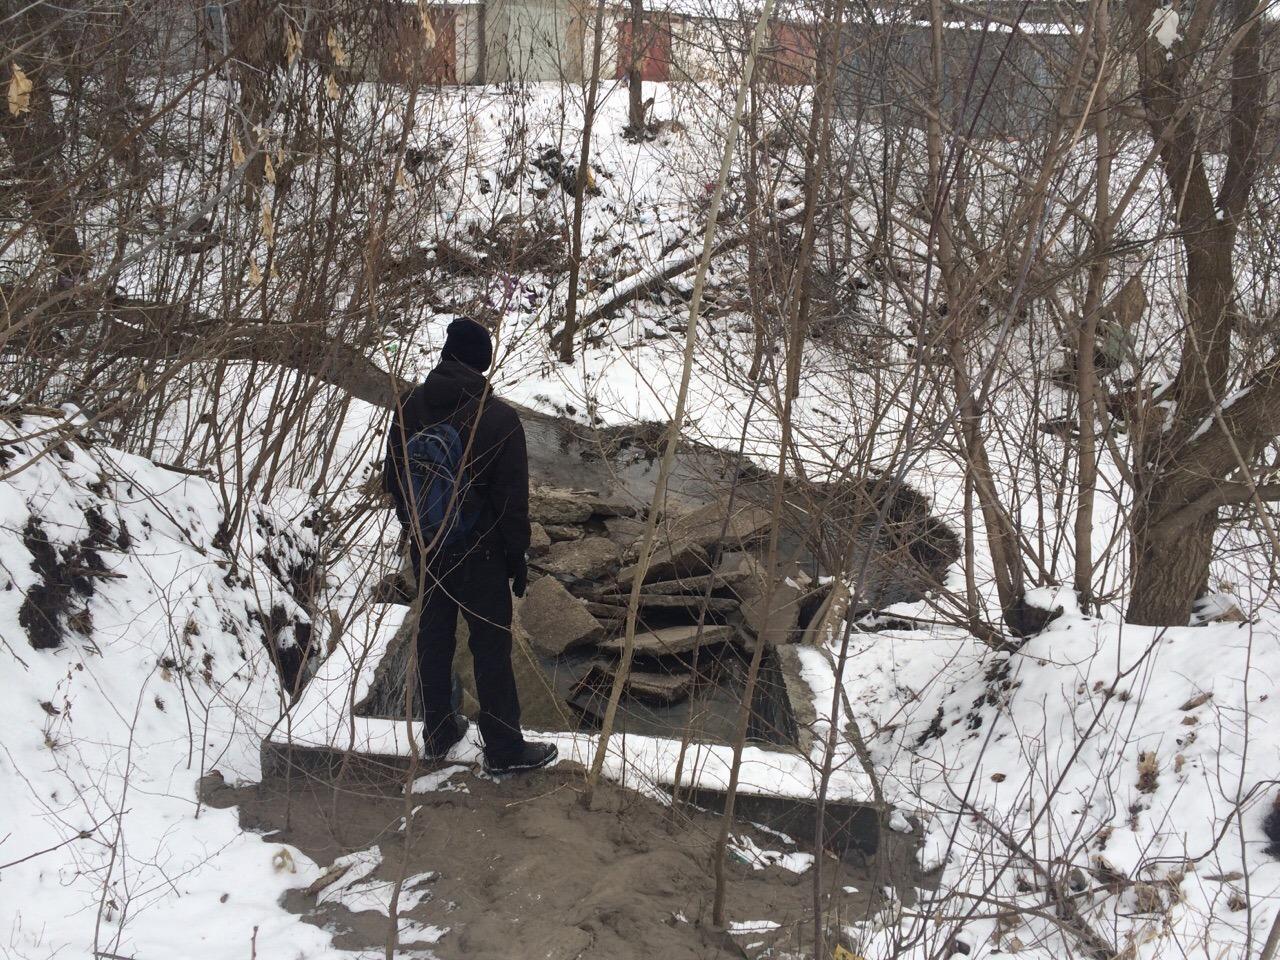 Общественники требуют очистить реку Студенец от туалетов, свалок и автомоек